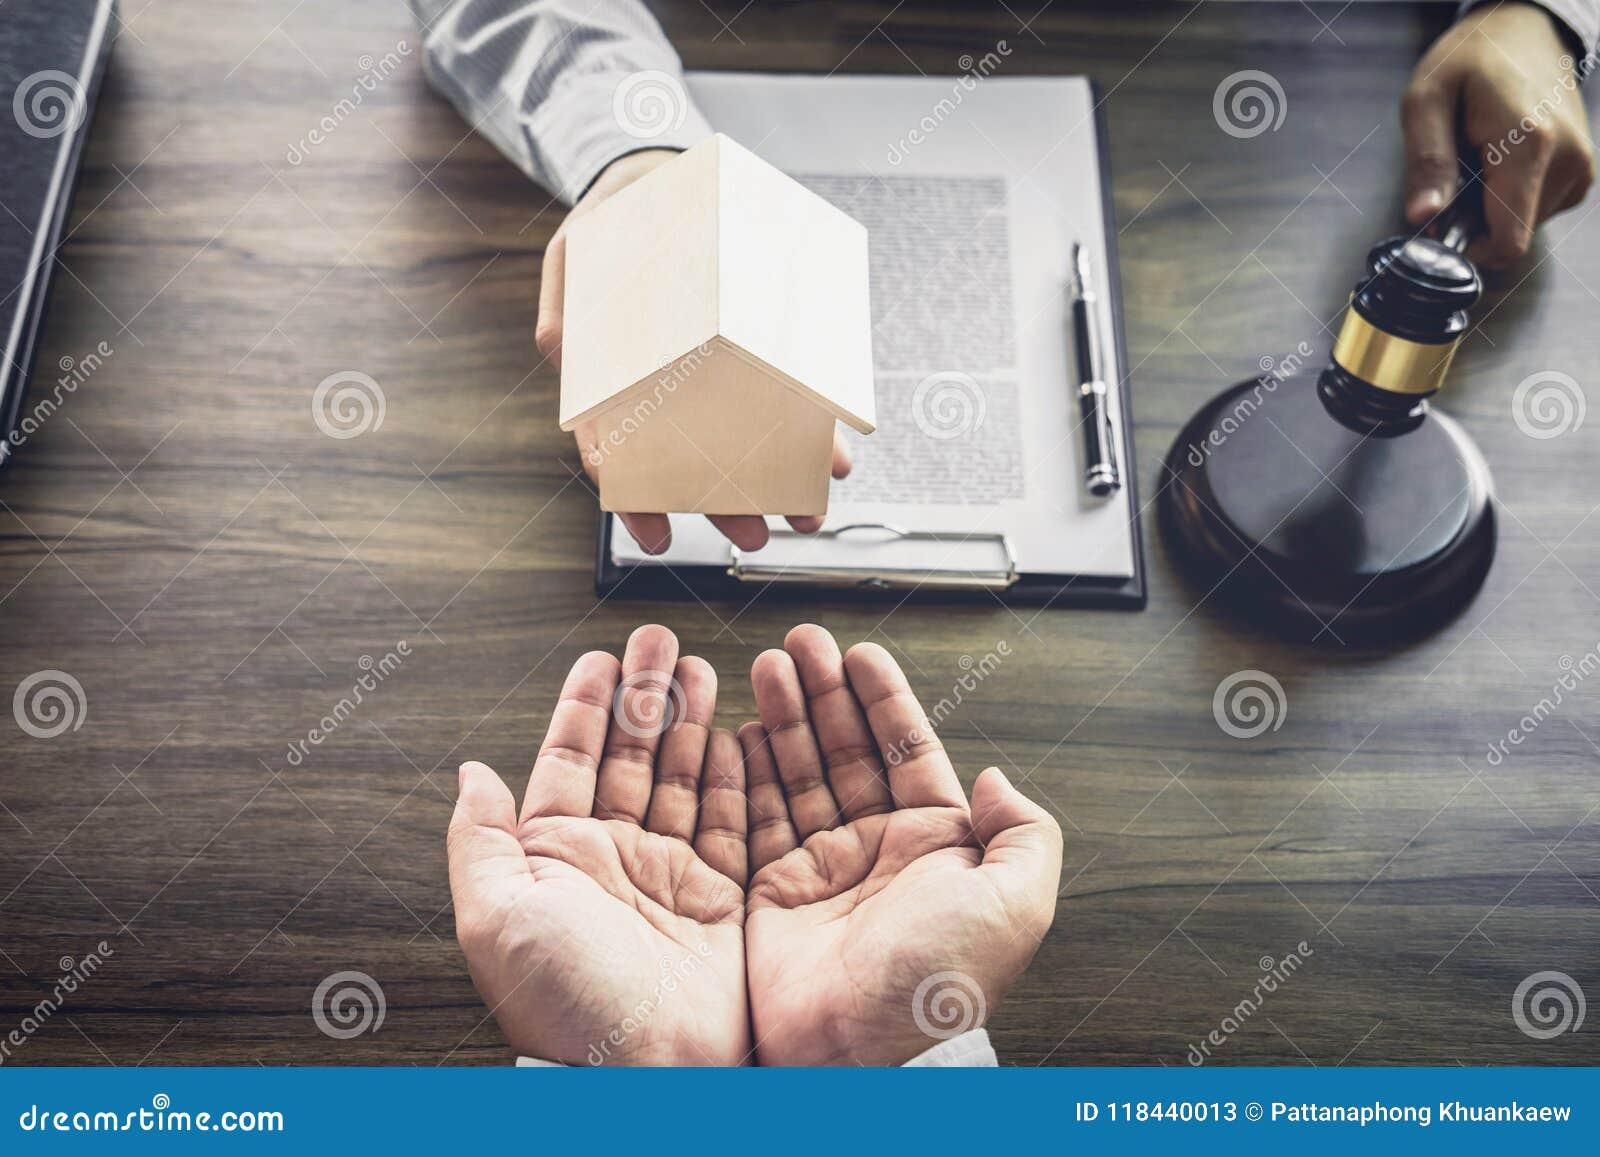 Wohnungsbaudarlehenversicherung, männlicher Rechtsanwalt oder Richter Consult mit dem Kunden